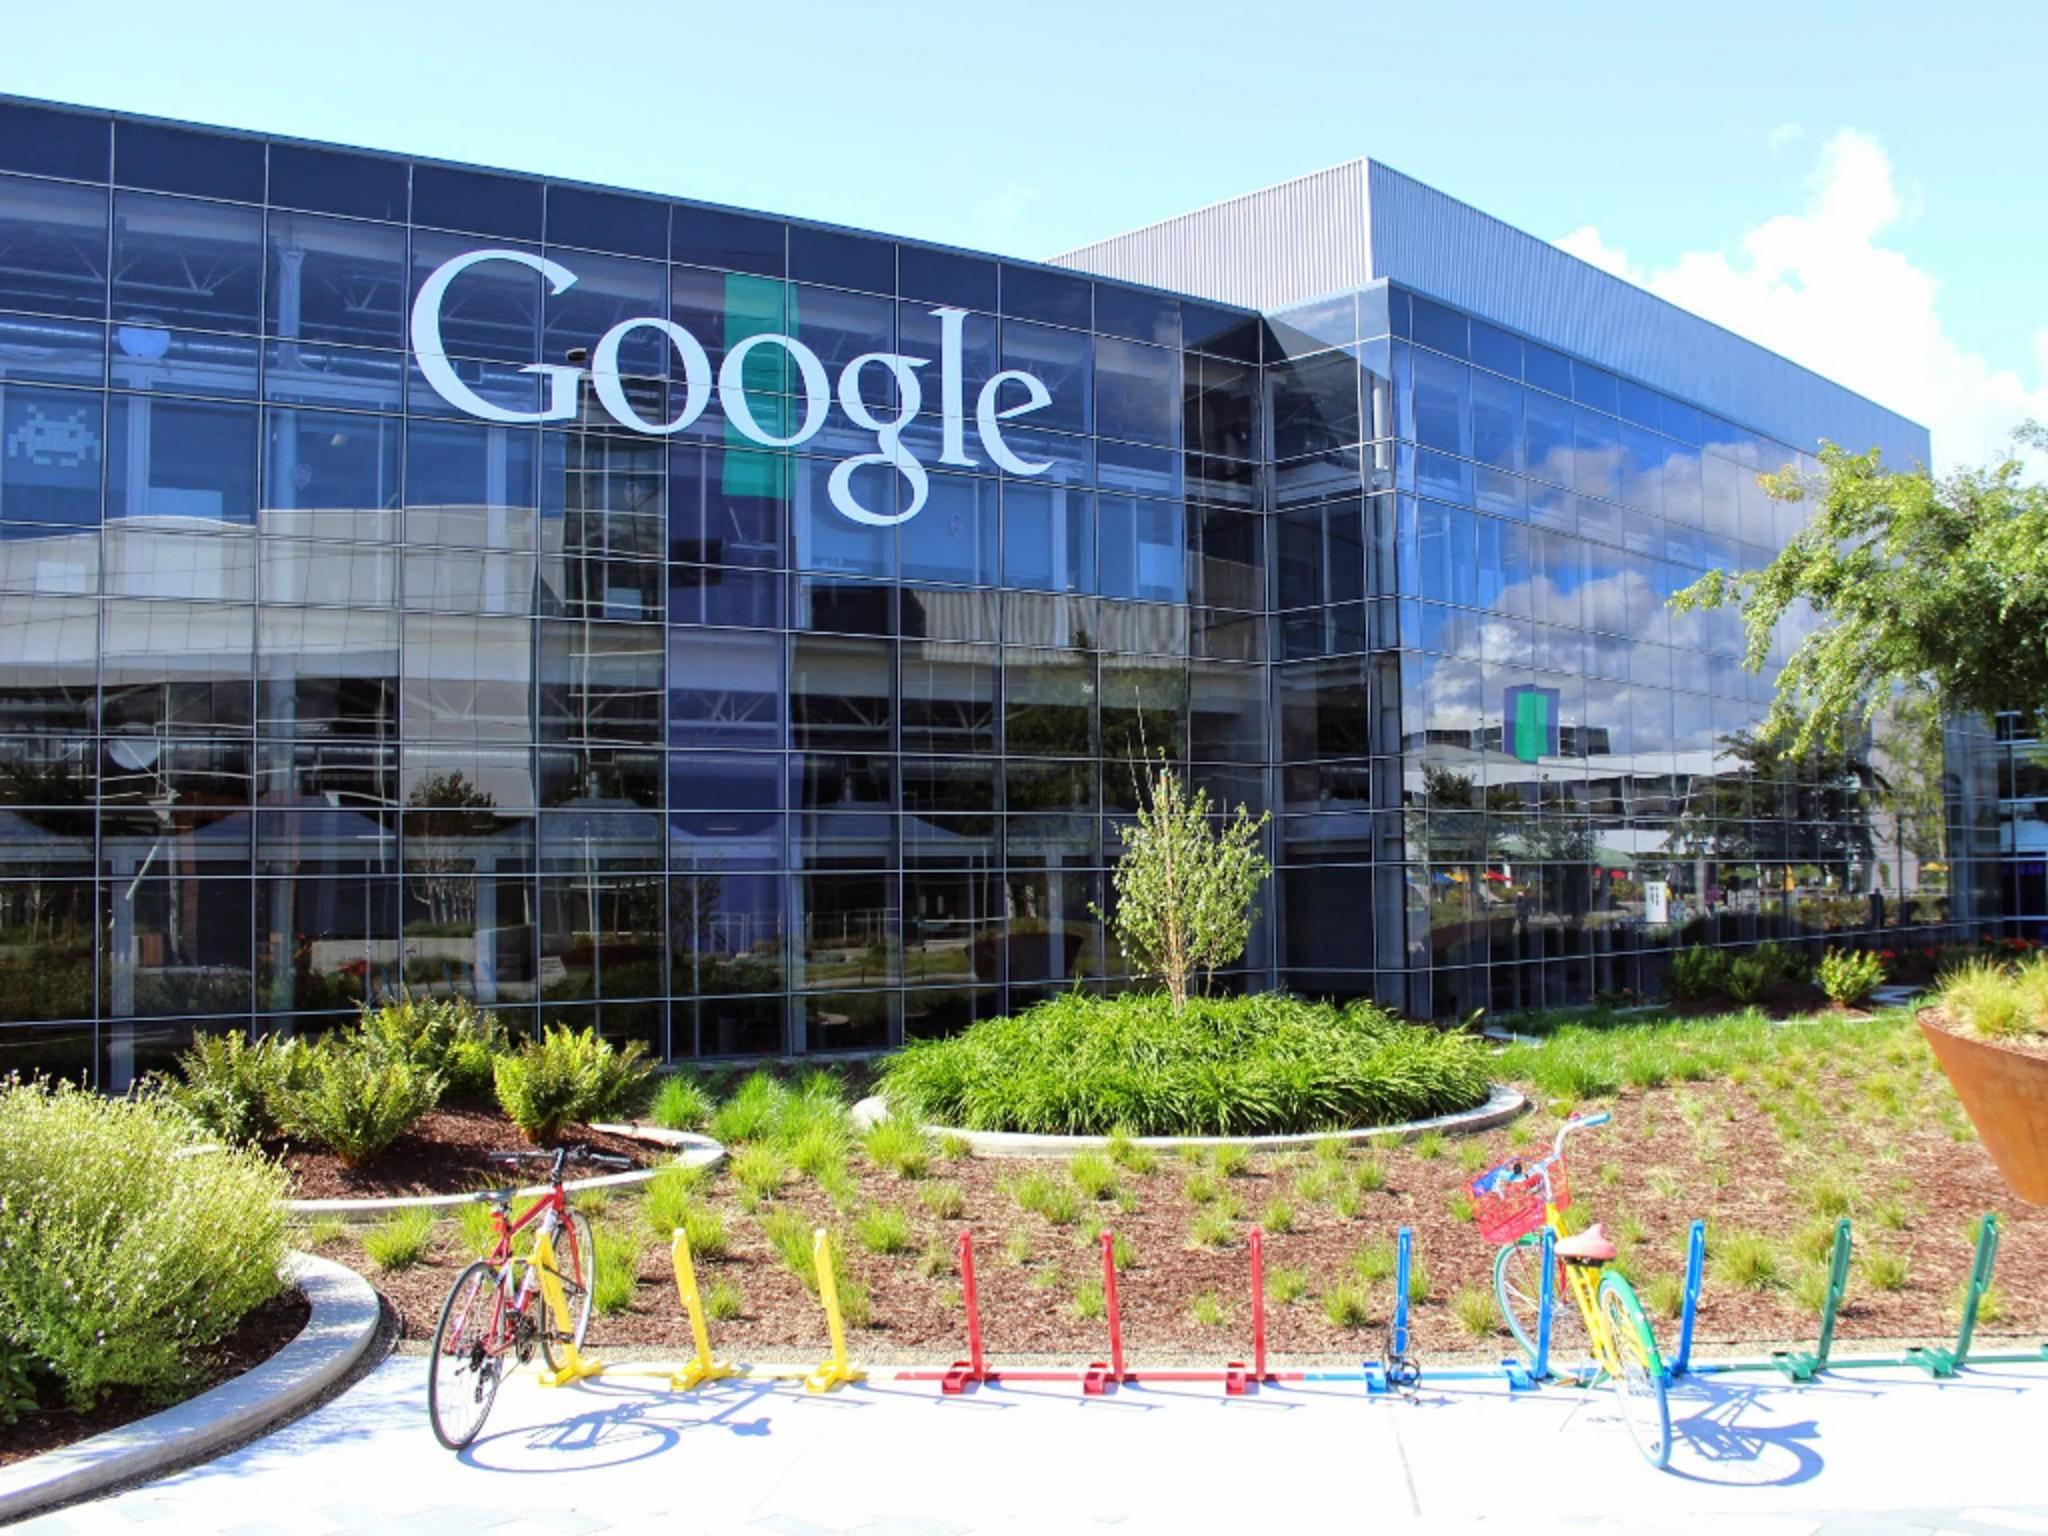 Die siebenjährige Chloe träumt von einem Job bei Google.